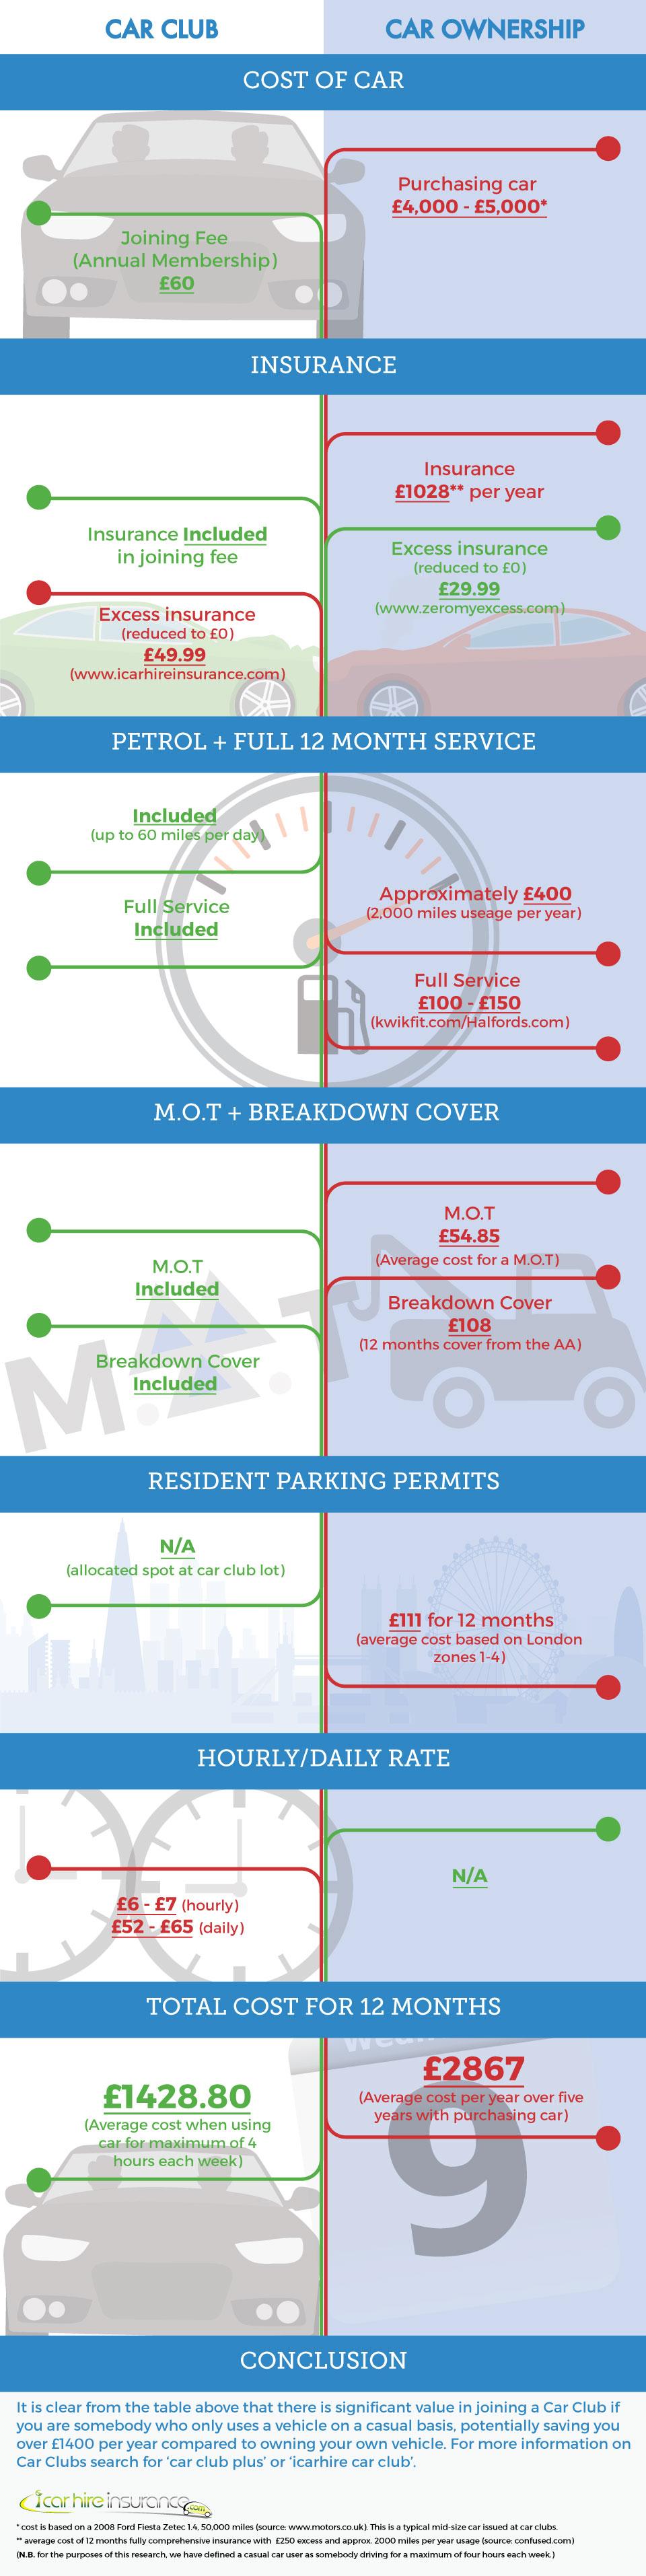 Car Club vs Car Ownership